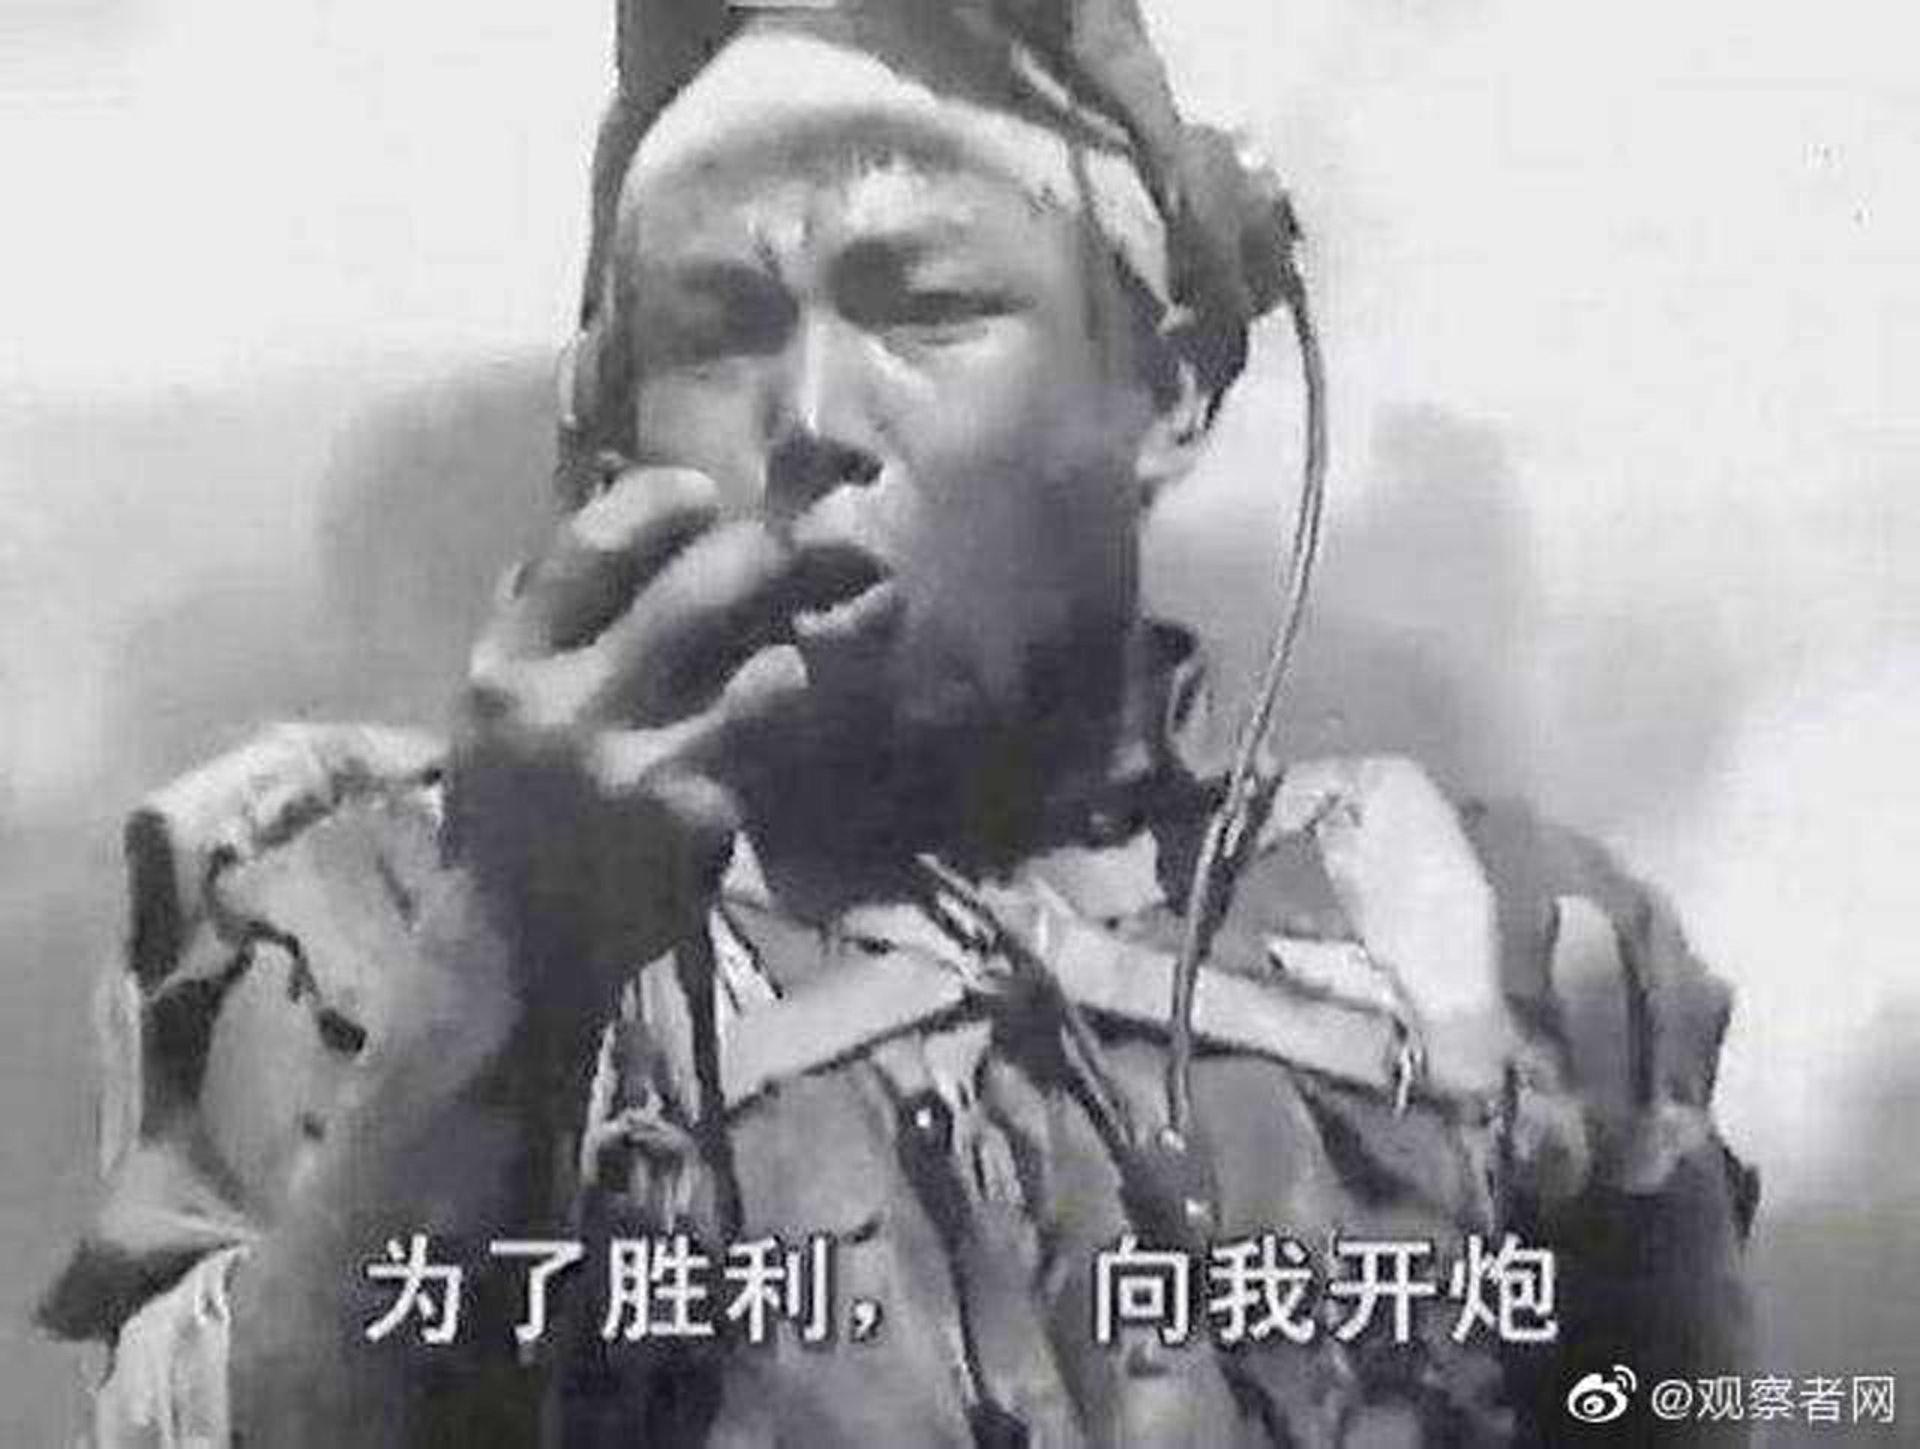 电影《英雄儿女》的经典台词:为了胜利,向我开炮!(网络图片)